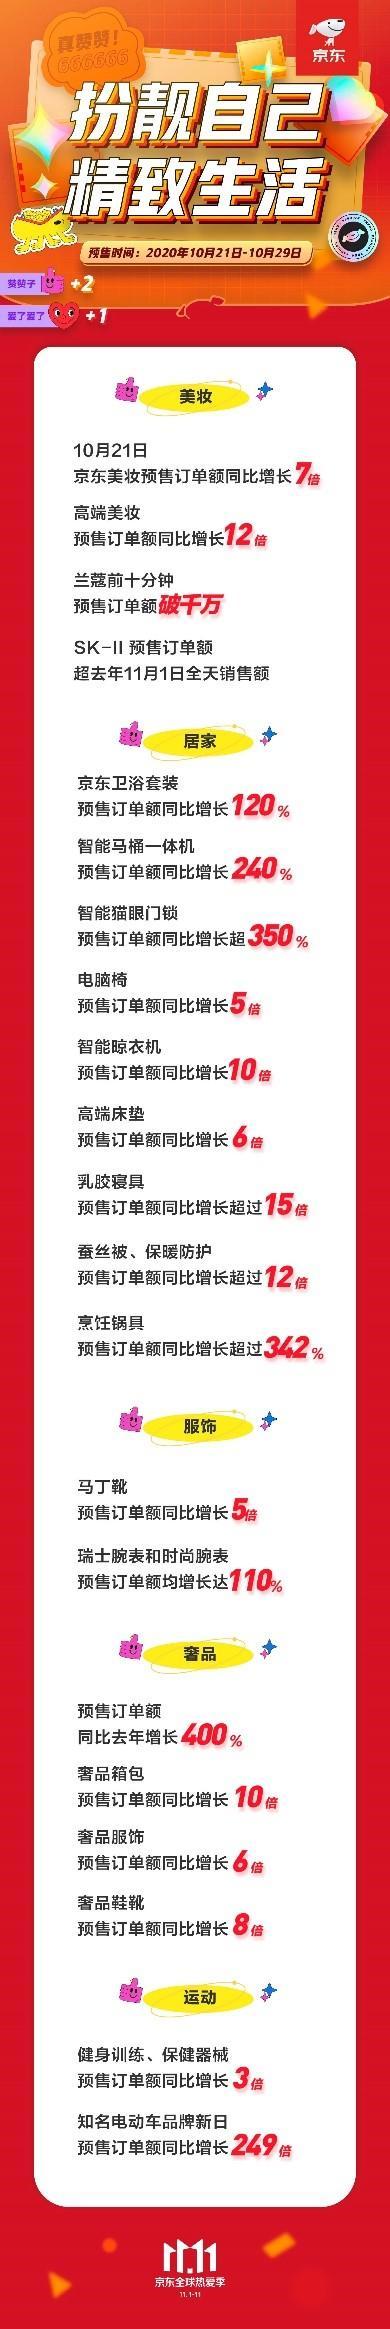 京东11.11丽人忙扮靓:美妆预售订单额增长7倍 高端美妆增长12倍